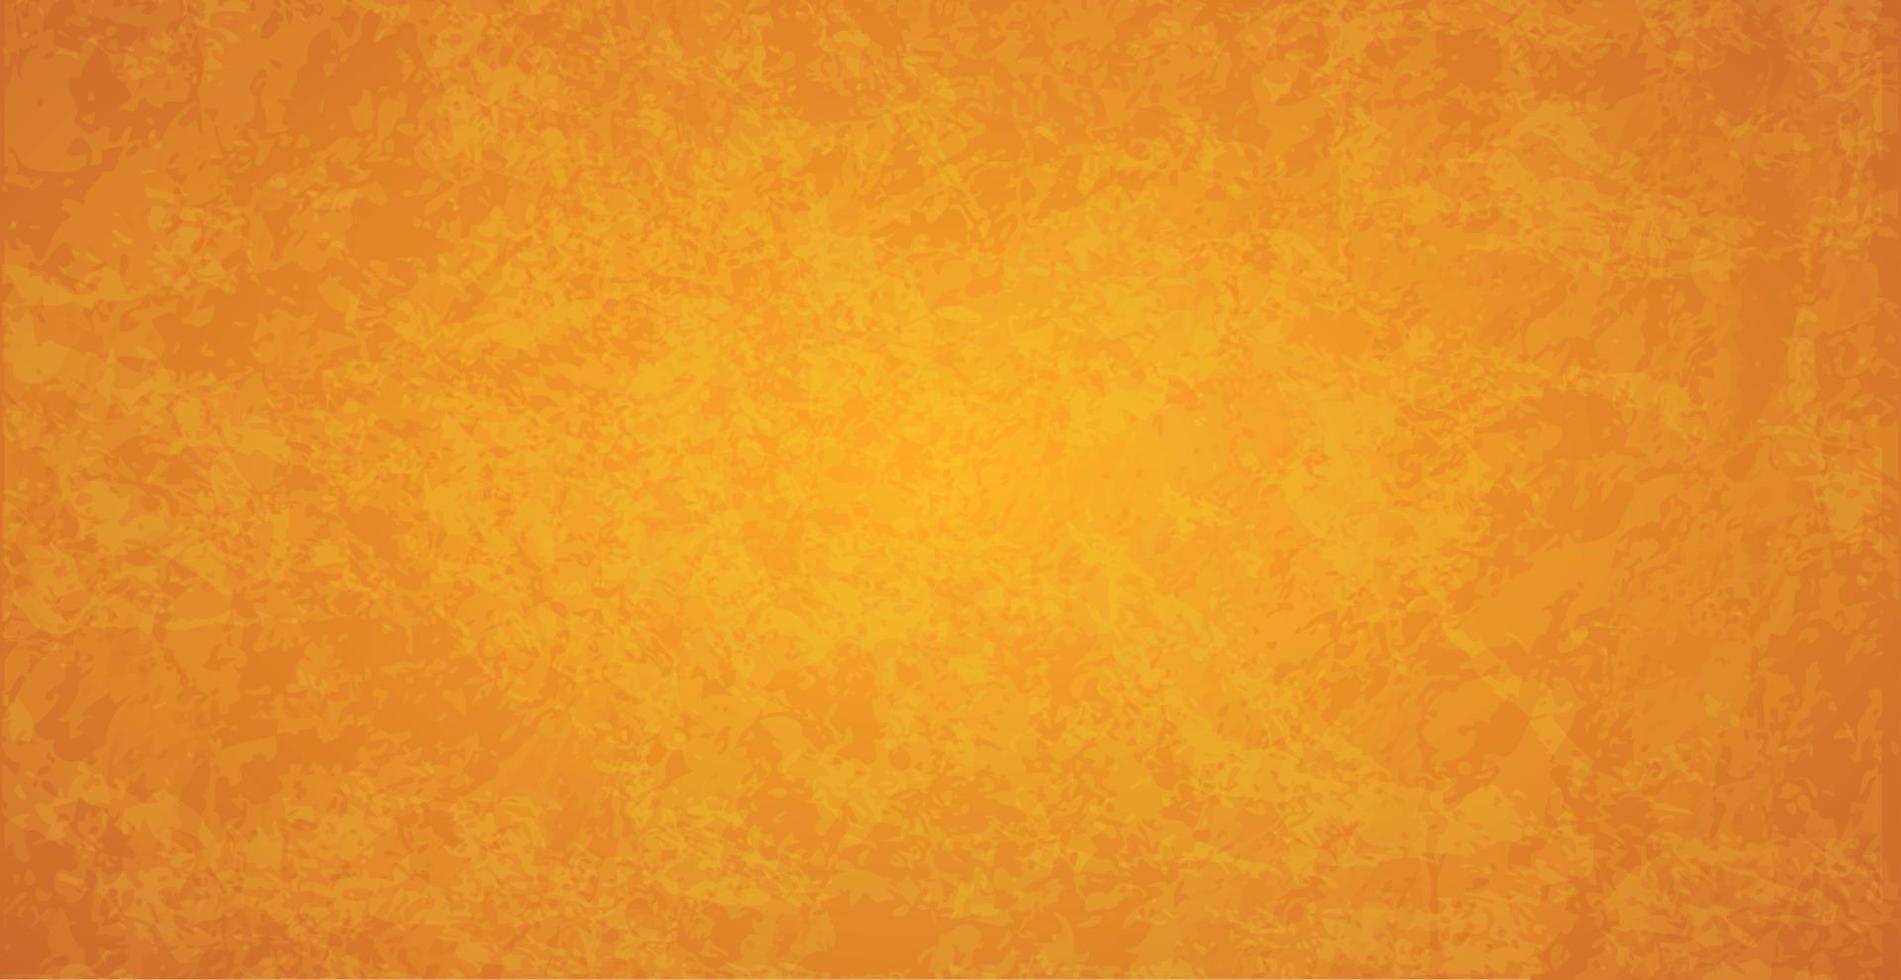 oranje abstract getextureerde grunge web achtergrond - vector